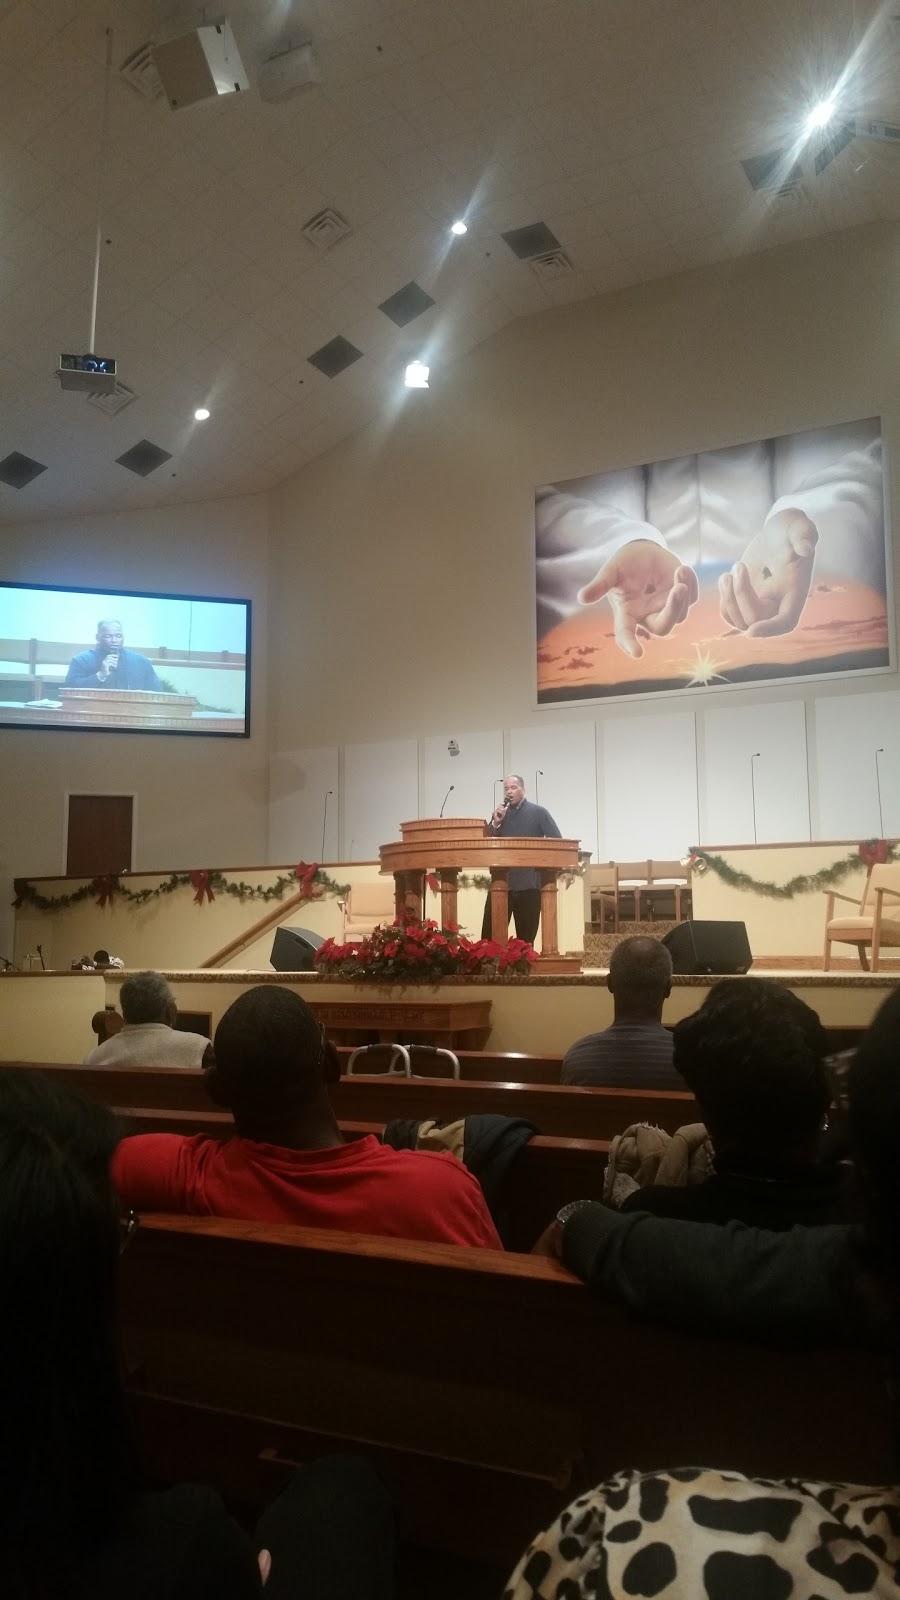 Oak Grove Baptist Church - church  | Photo 4 of 10 | Address: 2635 E Washington St, Suffolk, VA 23434, USA | Phone: (757) 539-8012